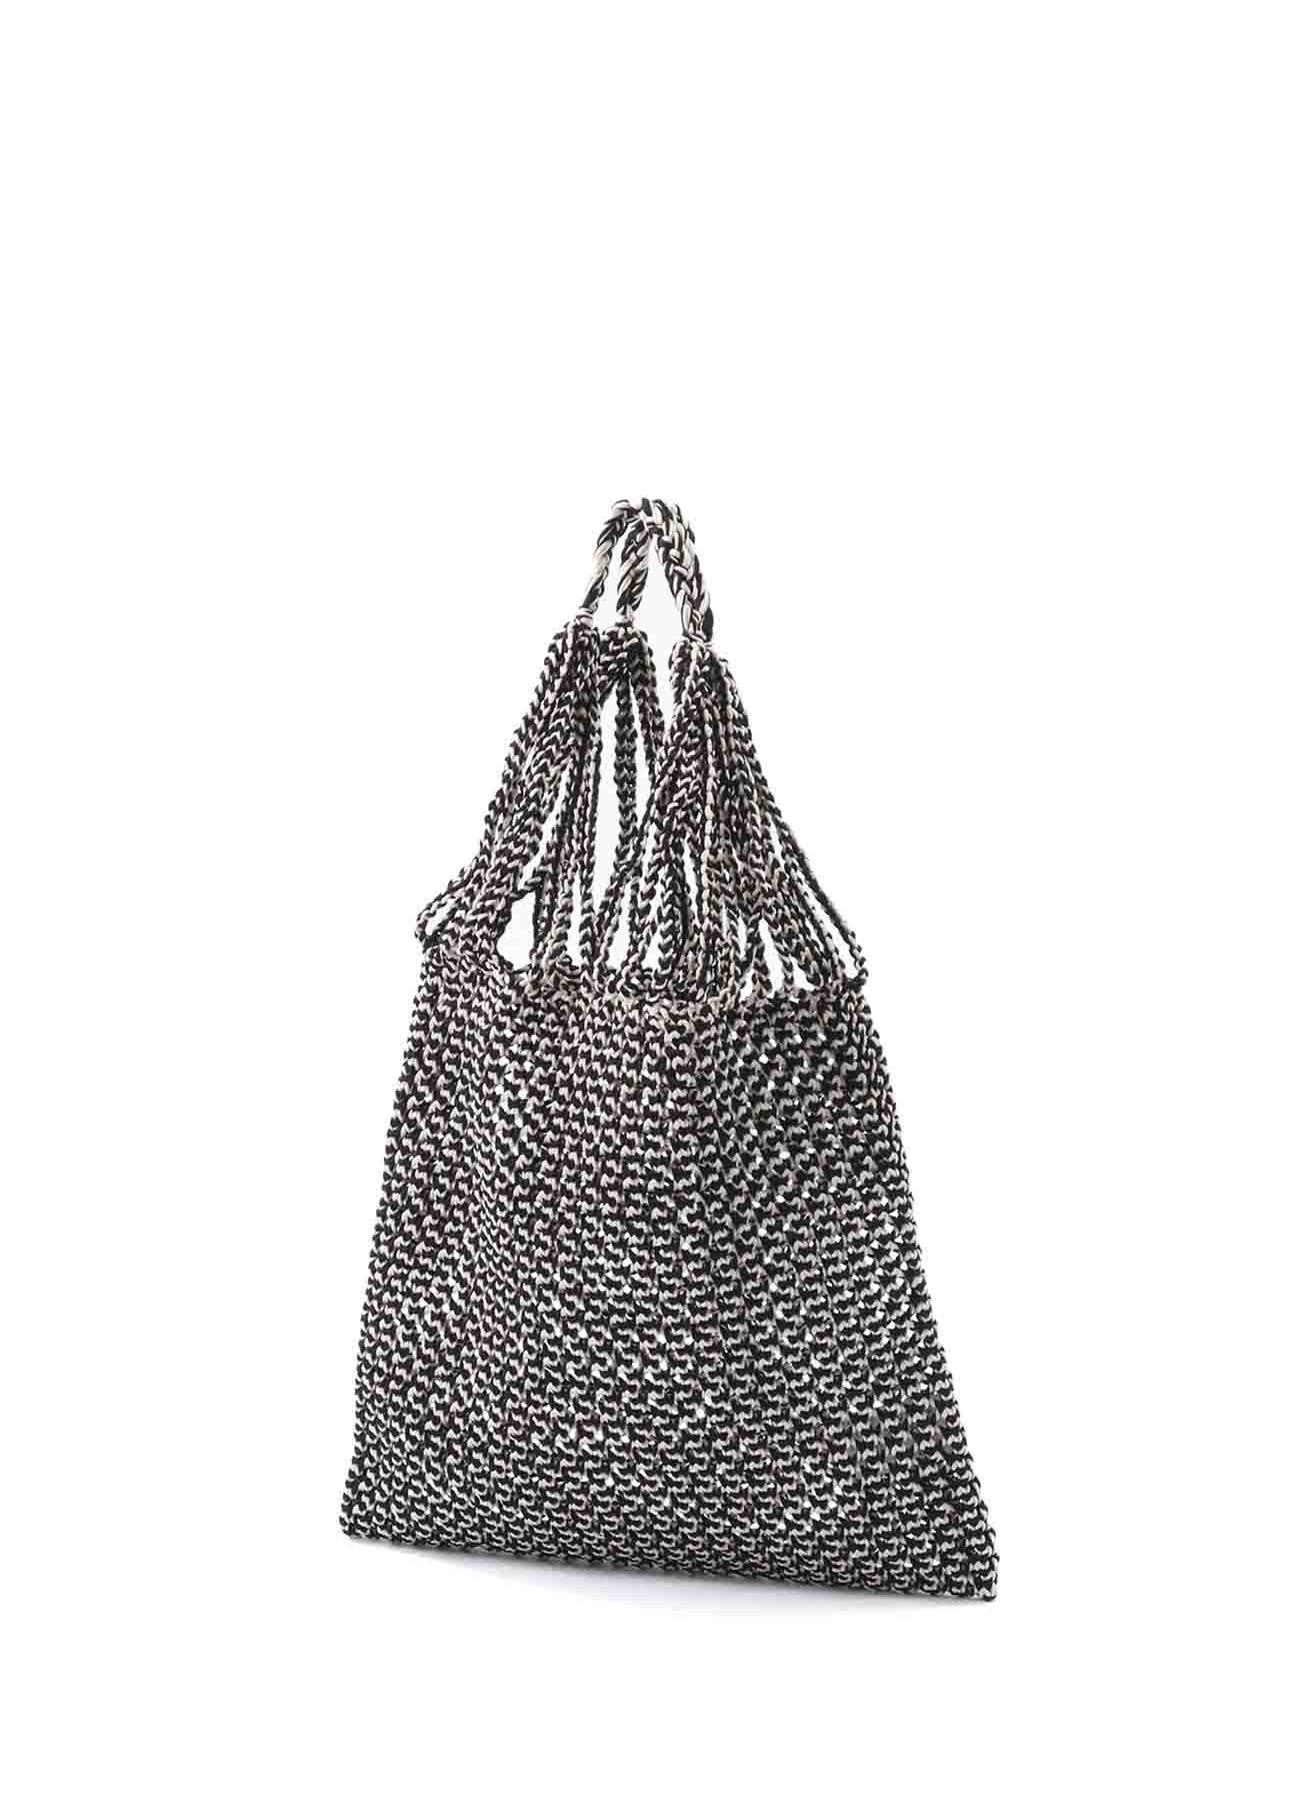 スパークポリエステル ハンドメイド編みトートバッグ